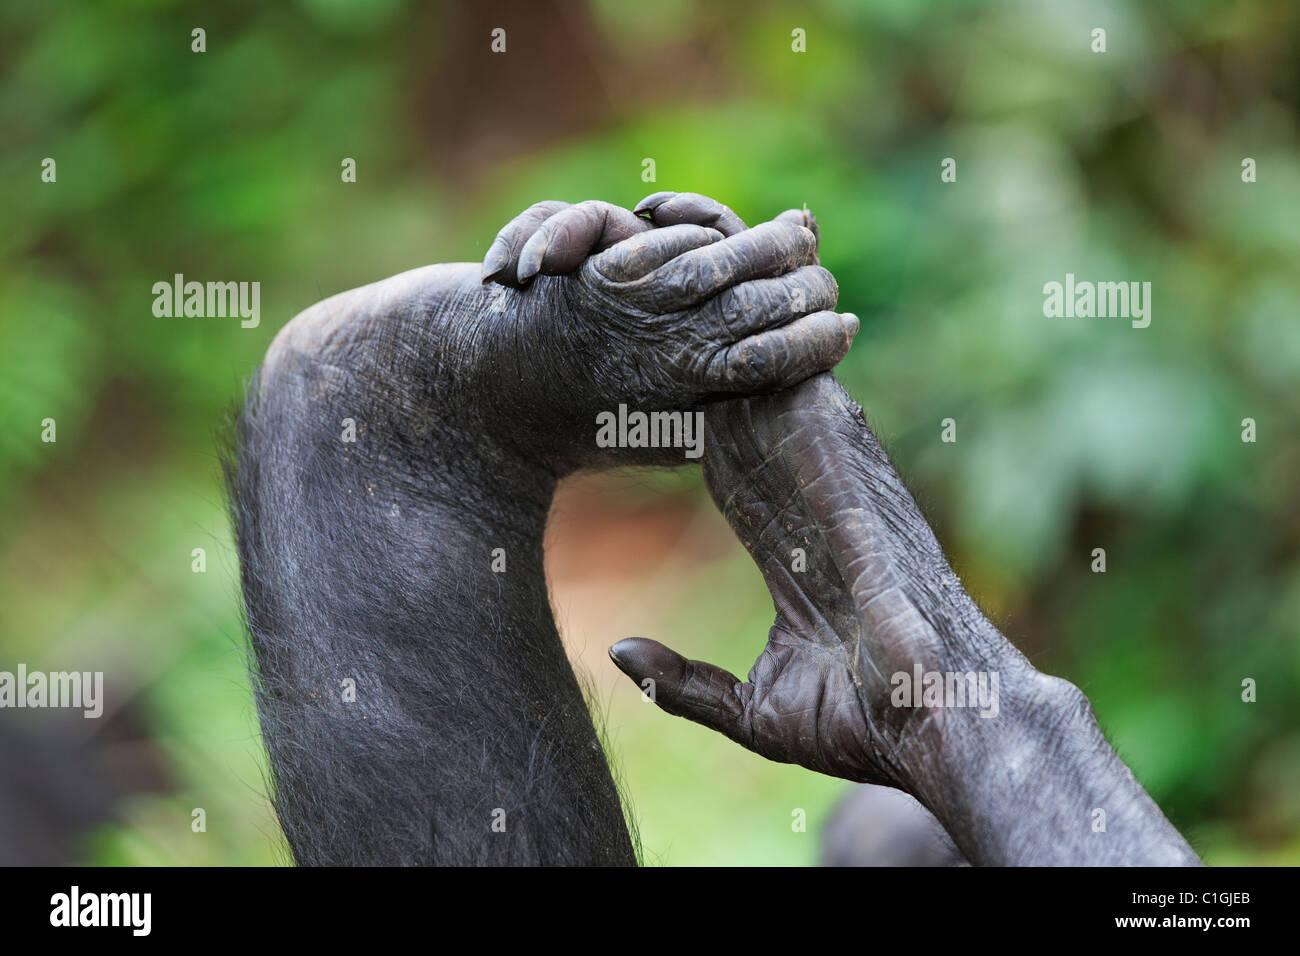 Mano e piede di scimpanzé Bonobo presso il Santuario Lola Ya Bonobo, Repubblica Democratica del Congo Immagini Stock